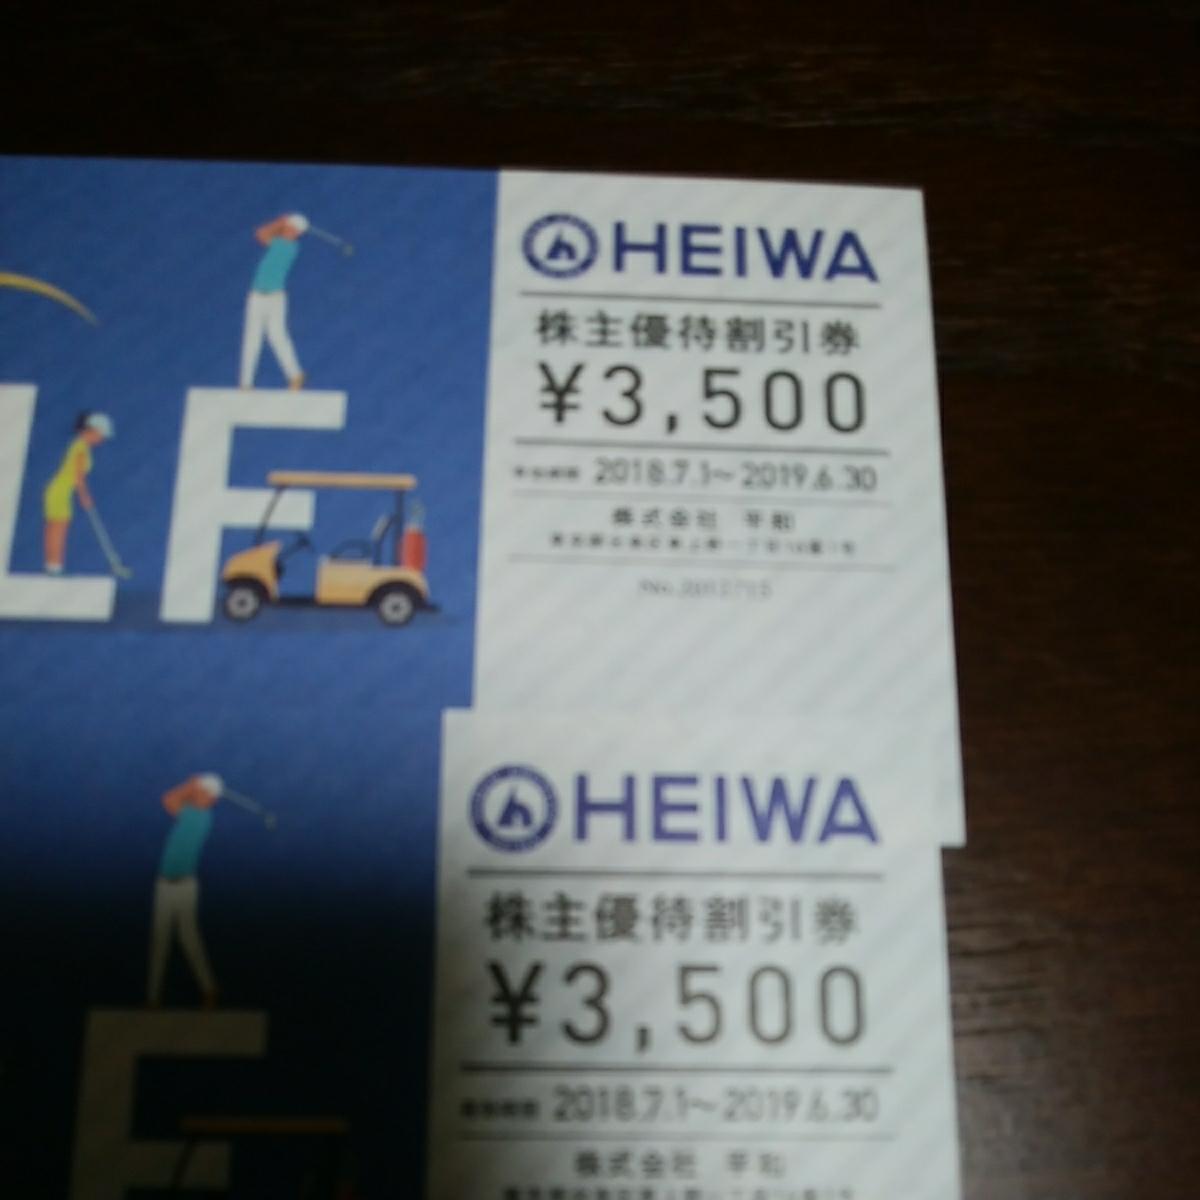 平和株主優待割引券 2枚(¥3500×2)_画像2